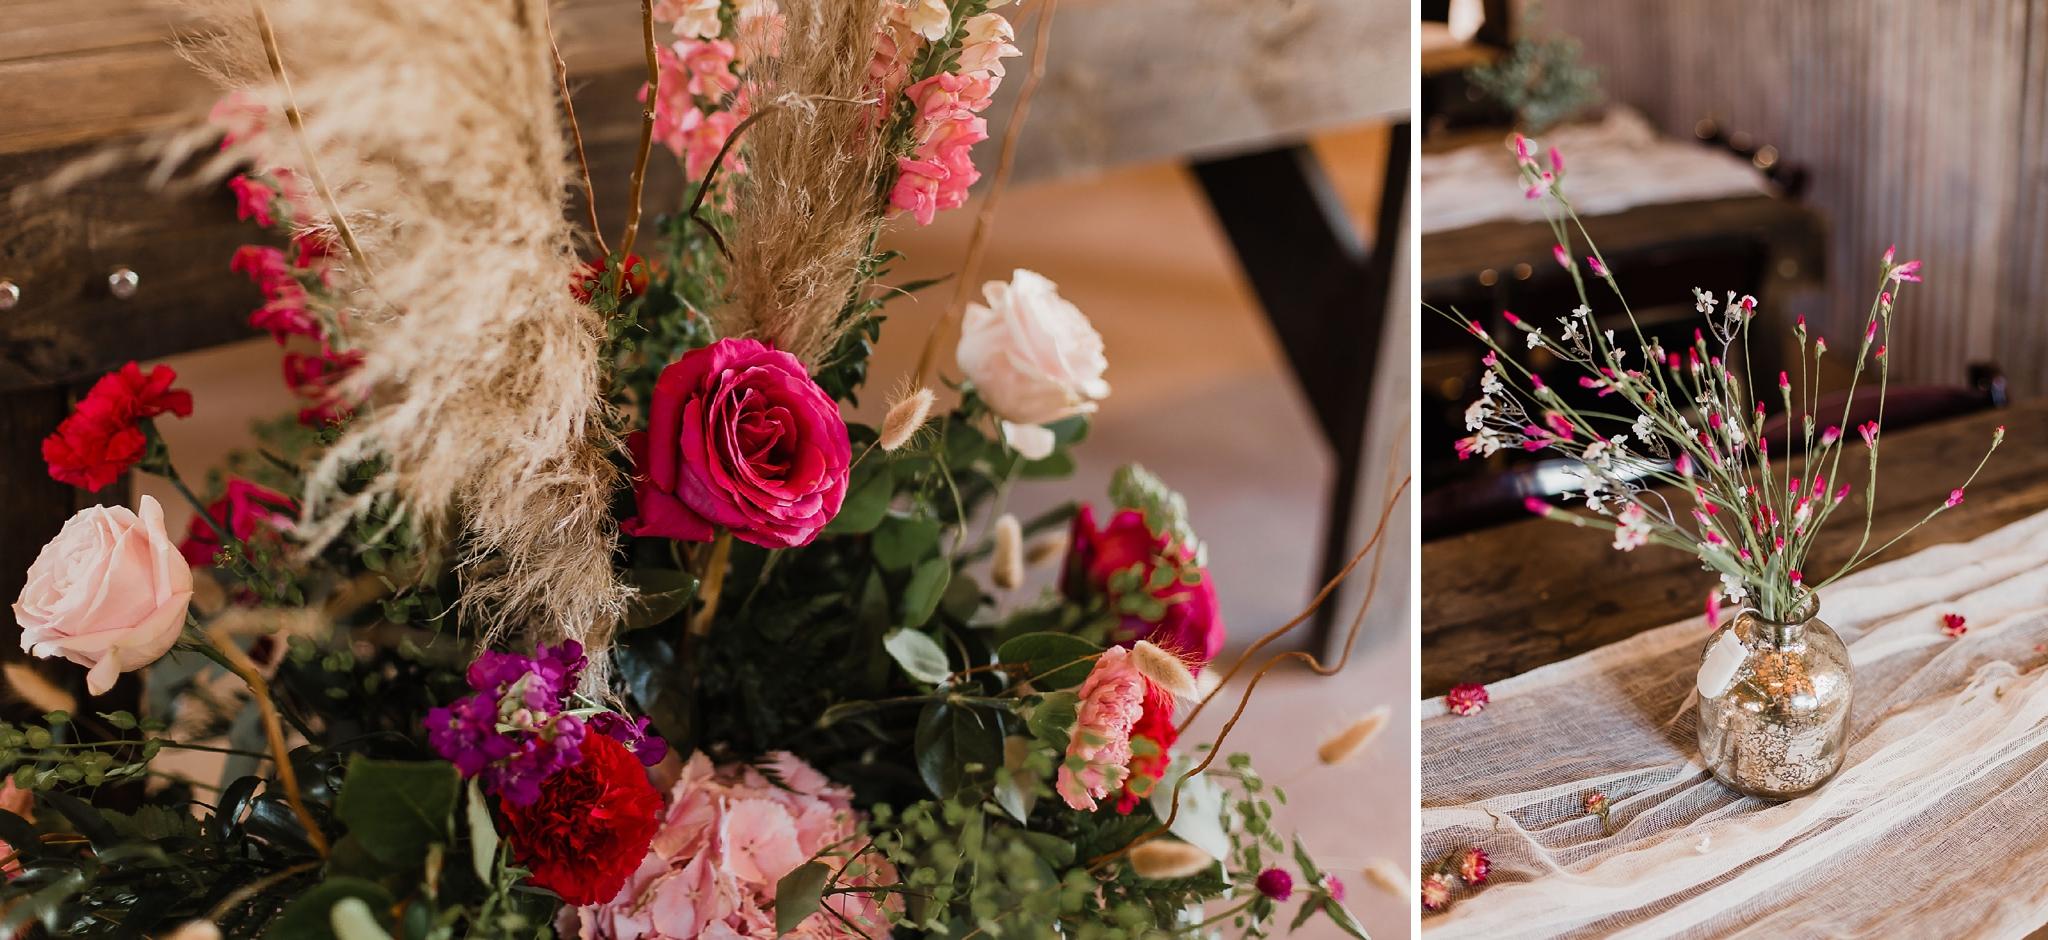 Alicia+lucia+photography+-+albuquerque+wedding+photographer+-+santa+fe+wedding+photography+-+new+mexico+wedding+photographer+-+new+mexico+wedding+-+summer+wedding+-+summer+wedding+florals+-+southwest+wedding_0012.jpg